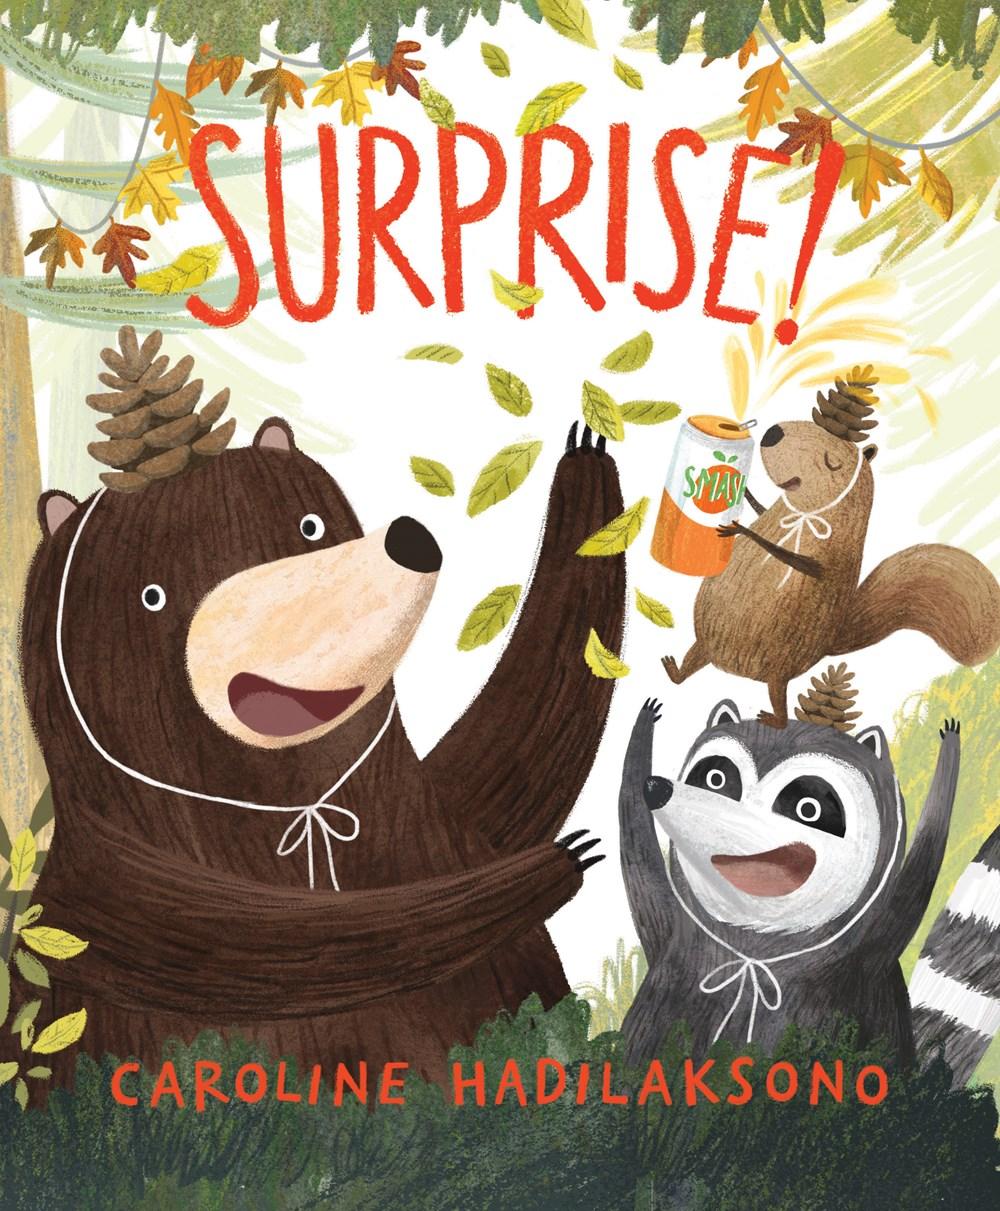 Sunday Story Time with Caroline Hadilaksono (Author & Illustrator of Surprise!)